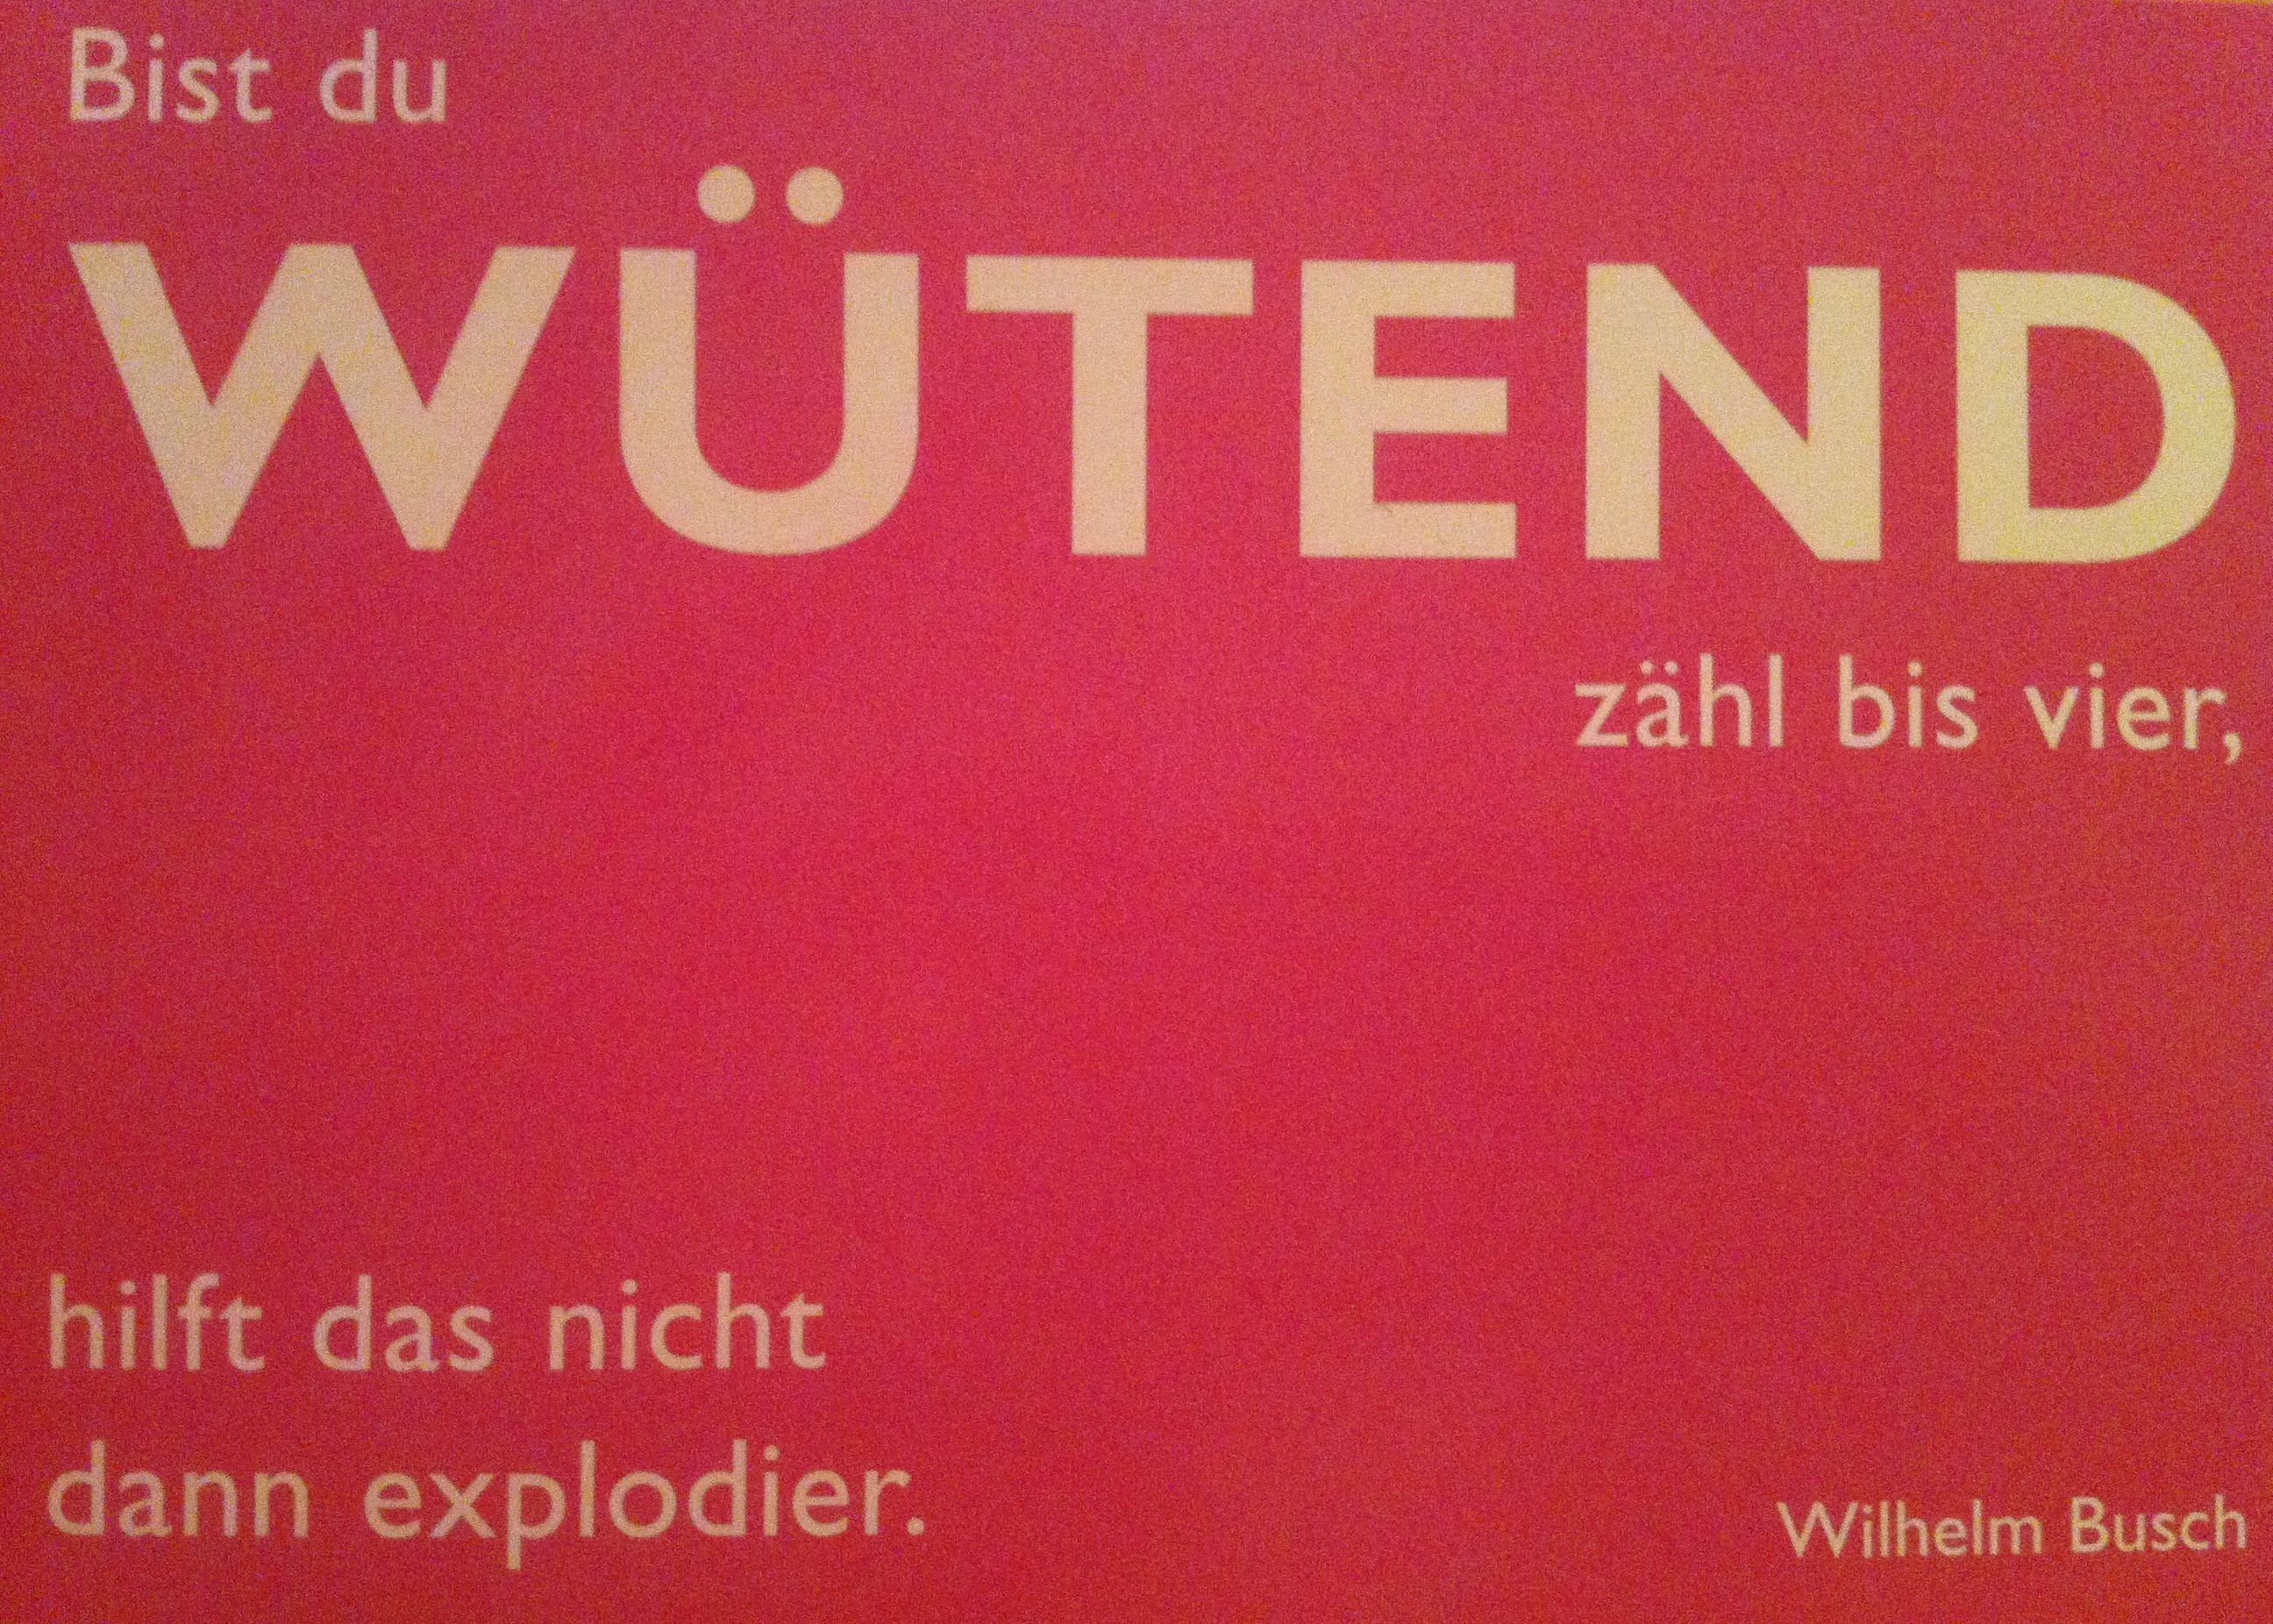 Gedichte Diamantene Hochzeit Wilhelm Busch  Die besten 25 Wilhelm busch gedichte Ideen auf Pinterest